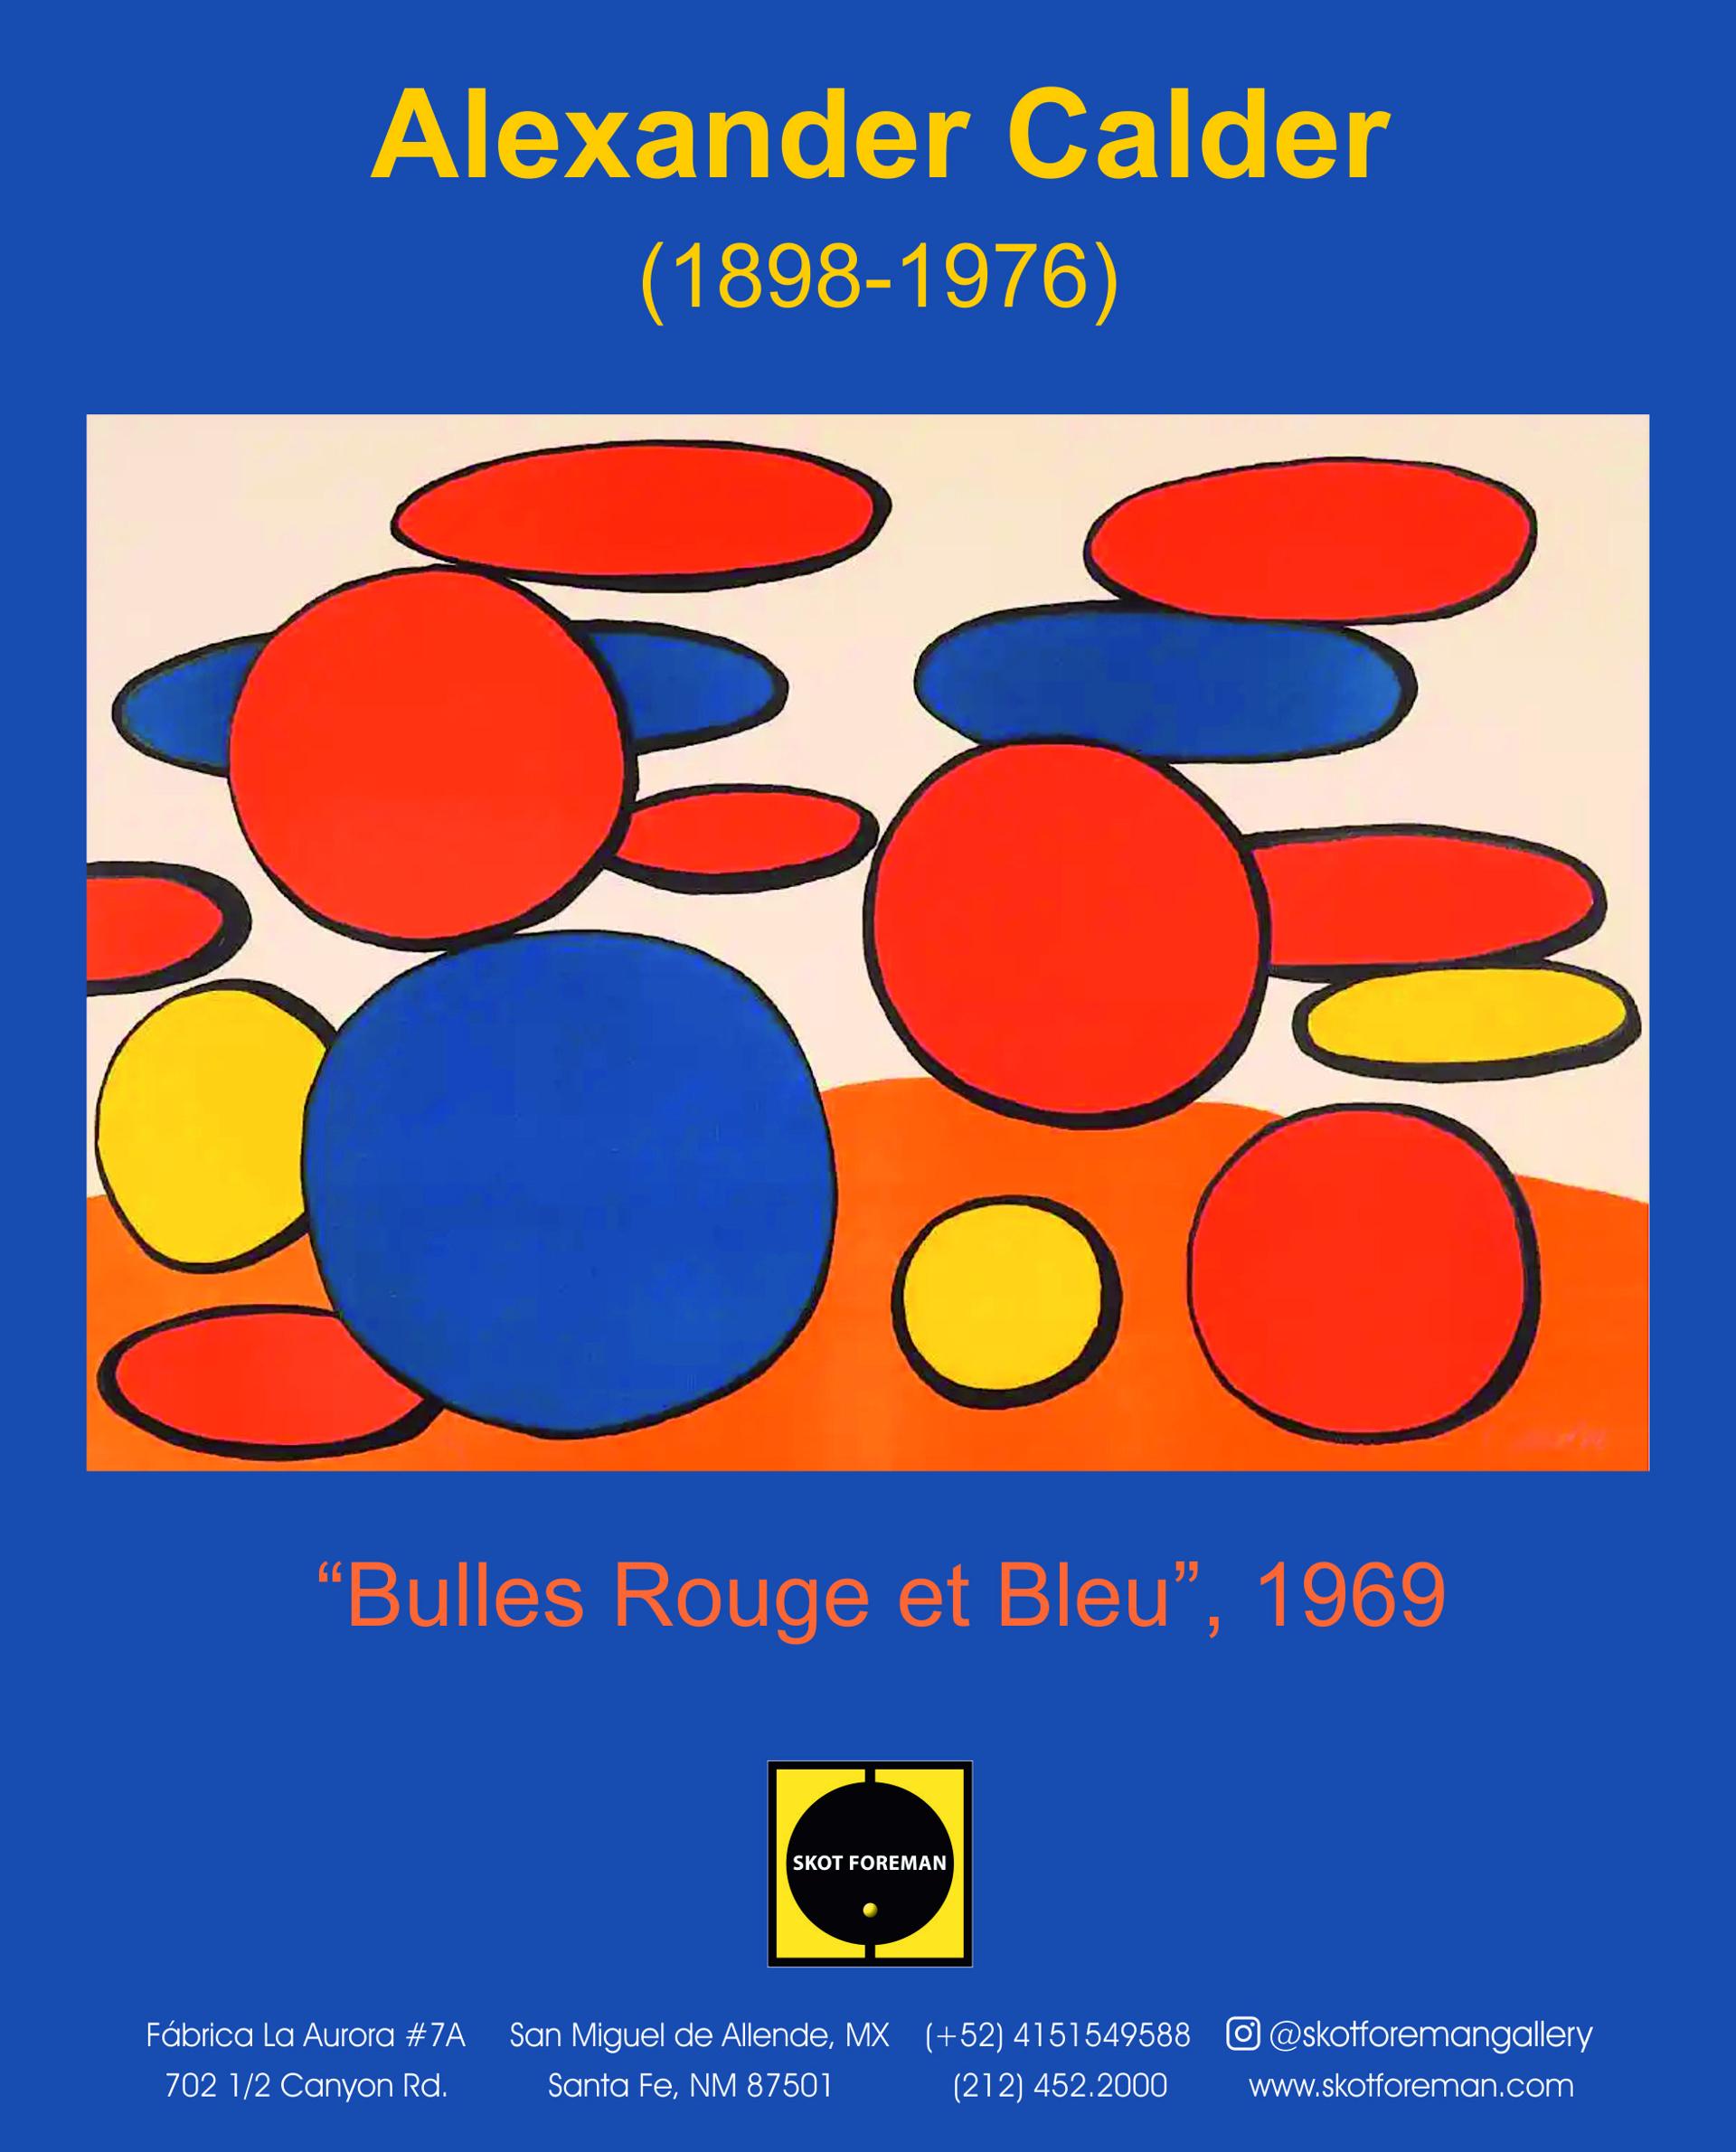 Bulles Rouge et Bleu by Alexander Calder